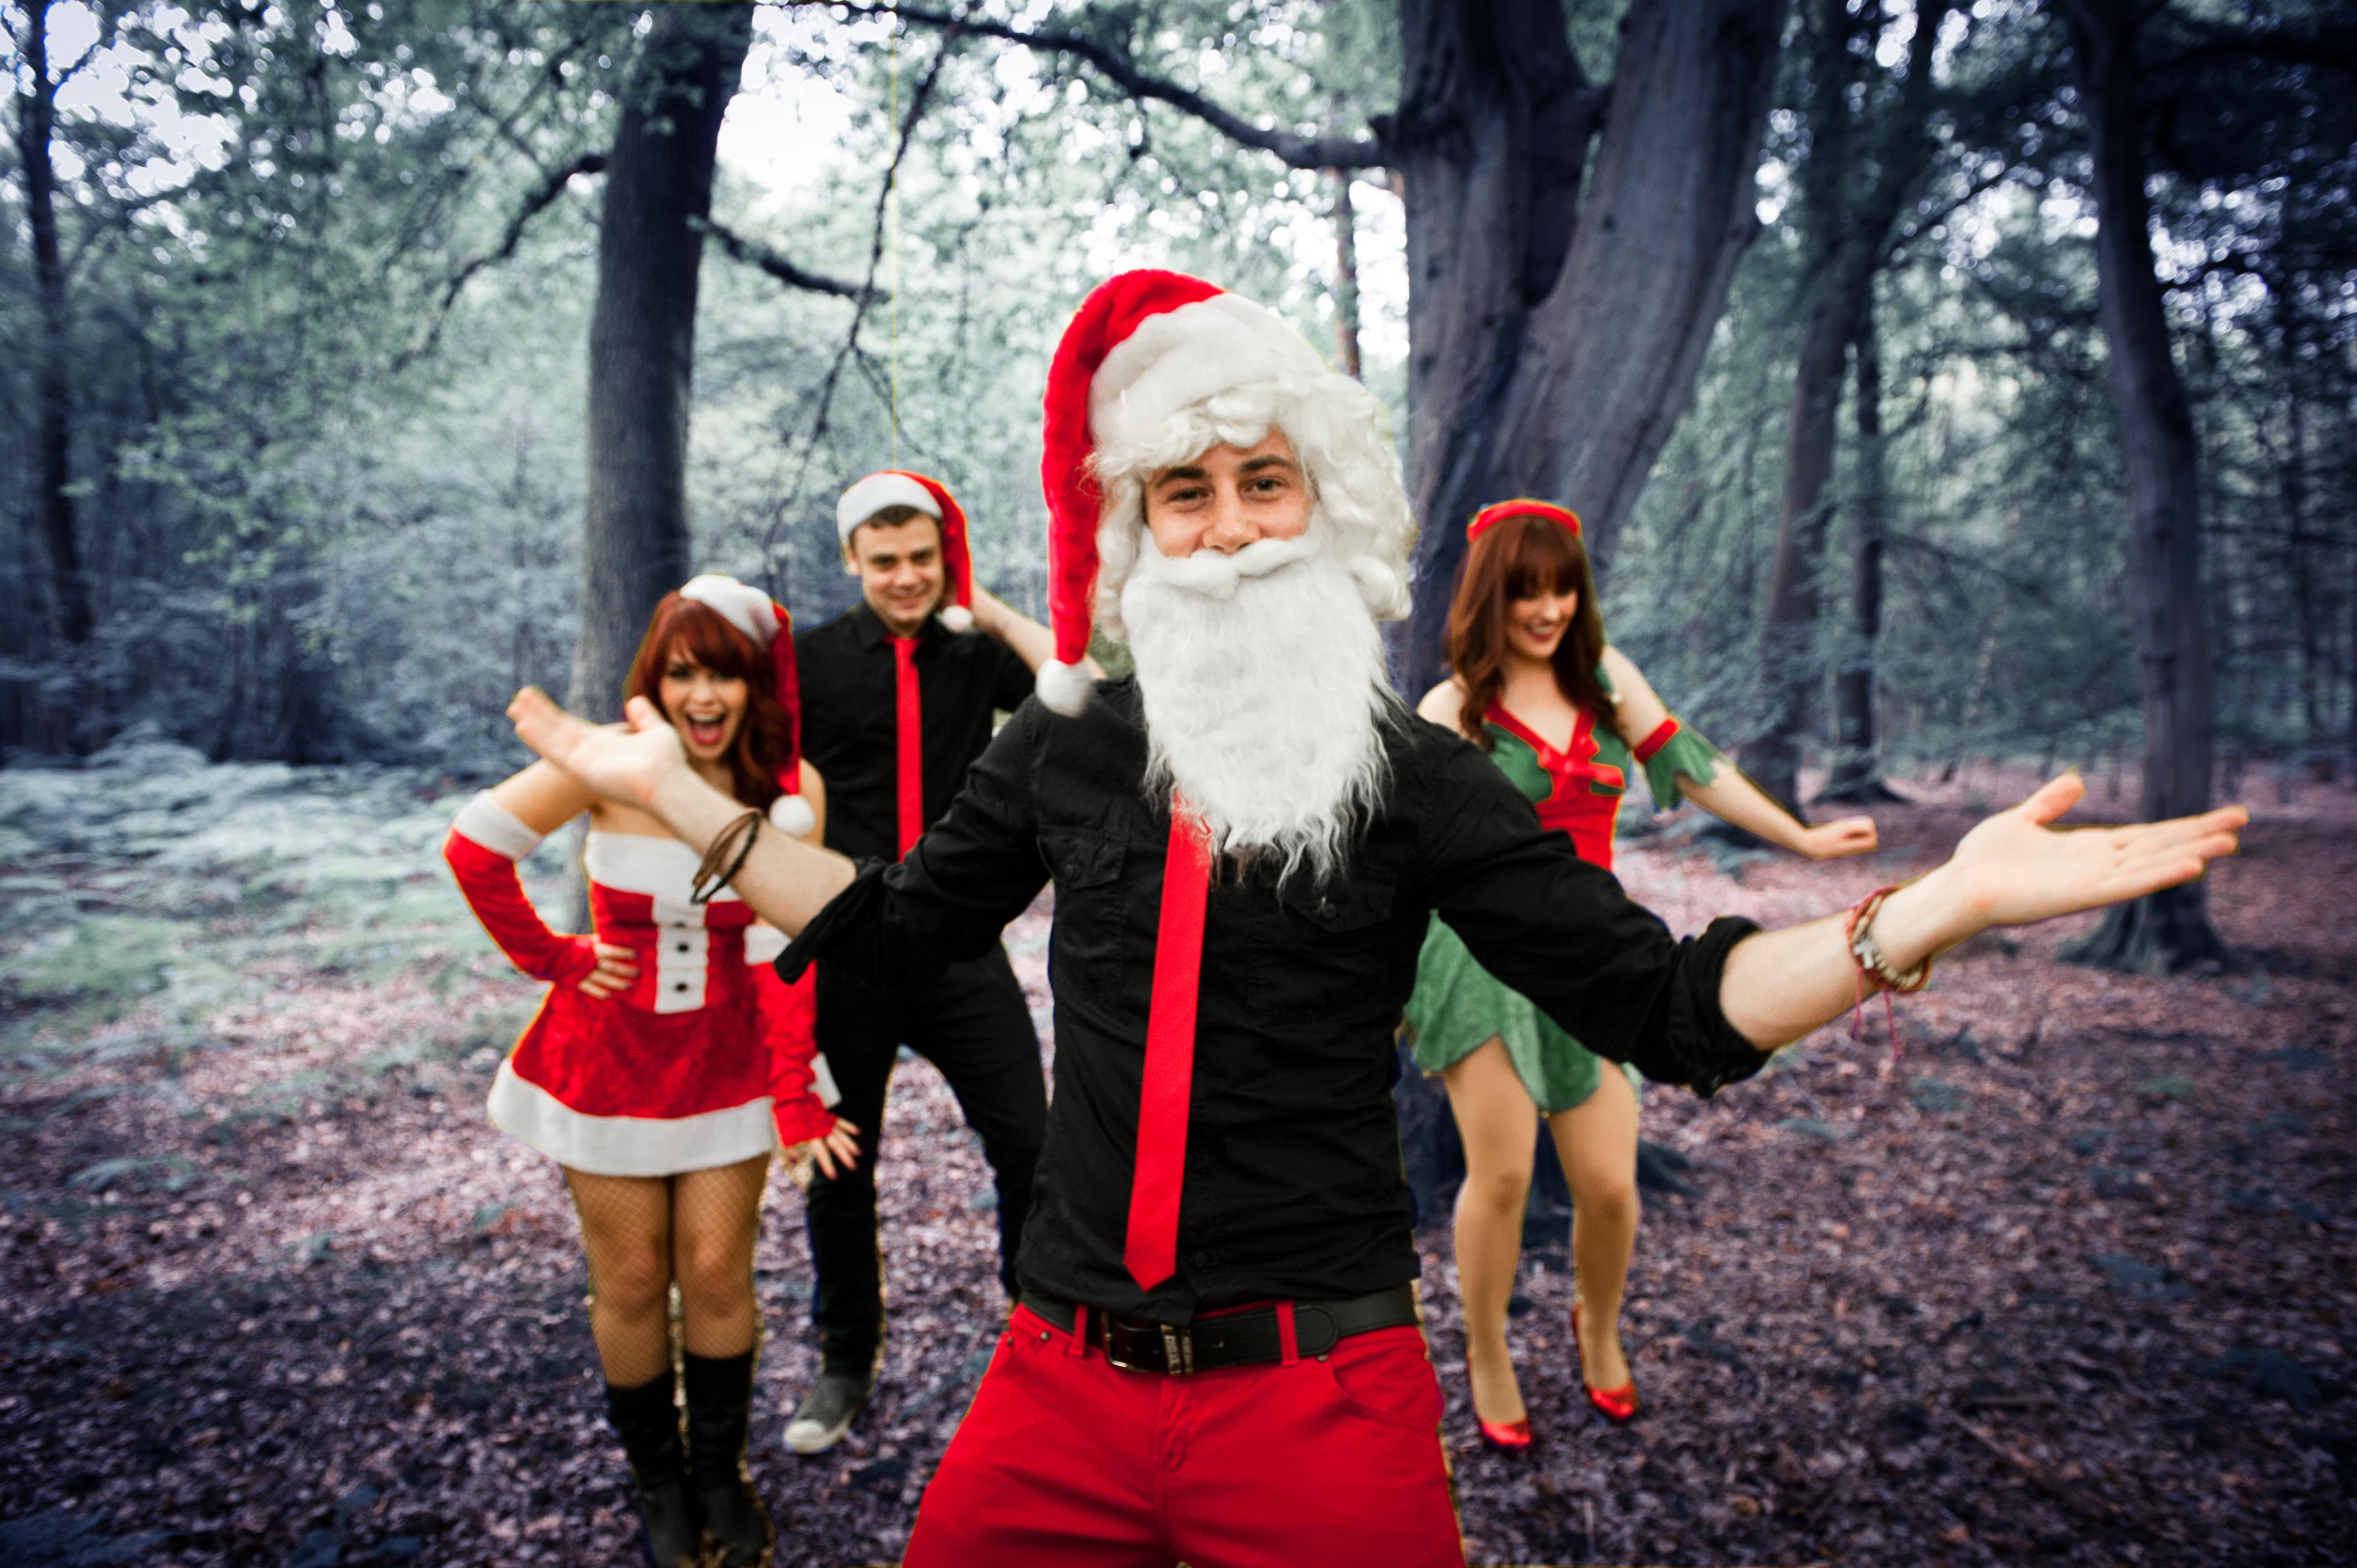 Crazy Christmas Band pic 3